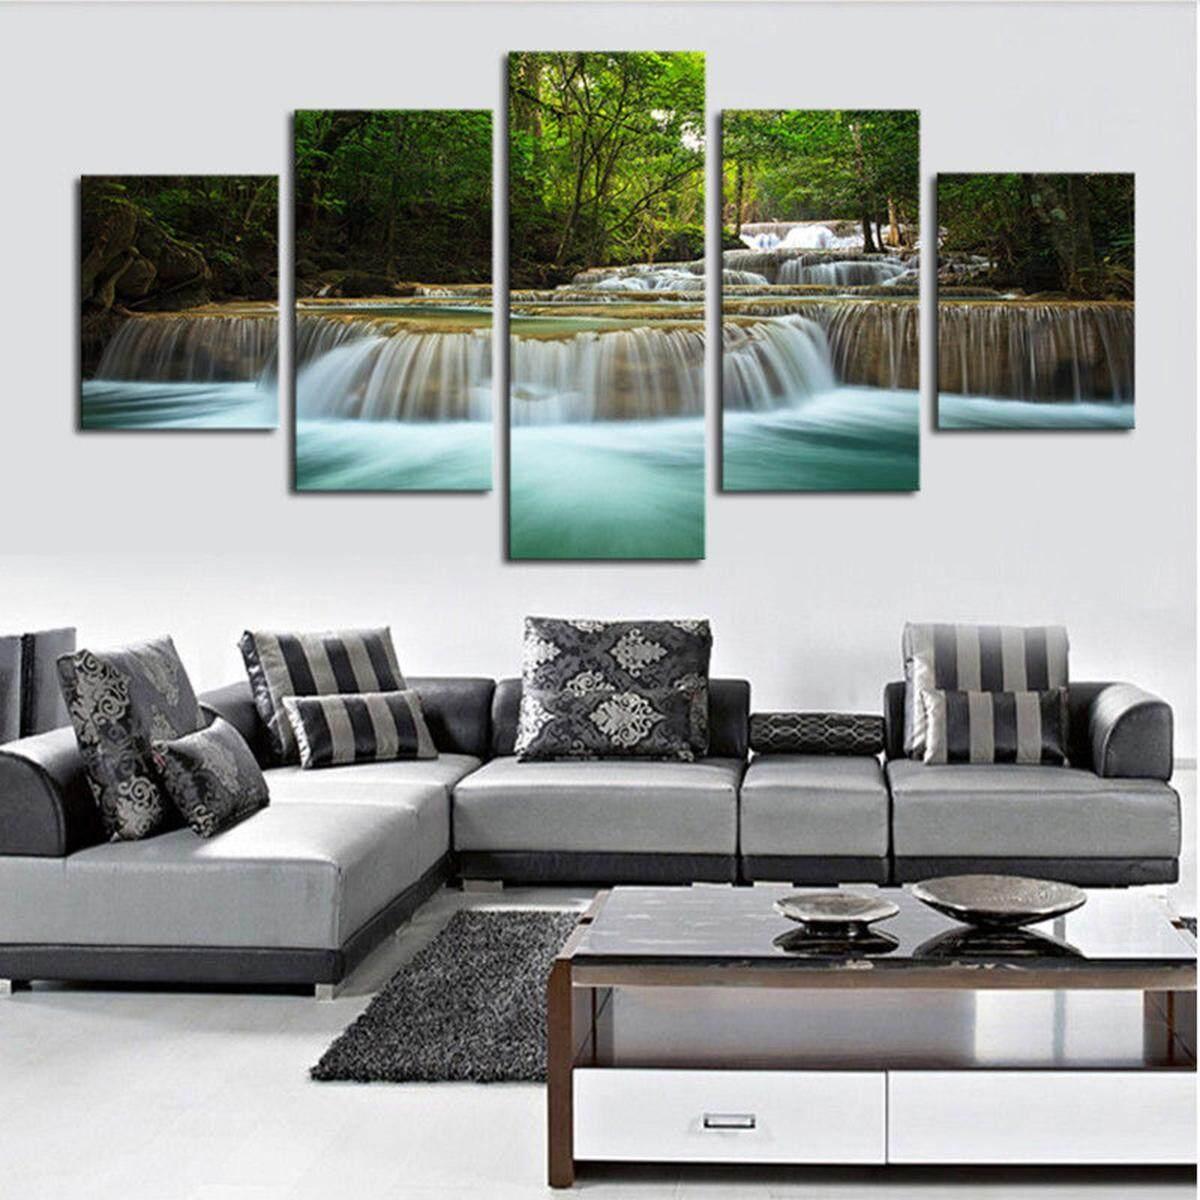 Trang Trí nhà In Canvas Tranh Nghệ thuật treo Tường Hiện Đại Thác Nước Sông Rừng không gọng #30x40x2 30x60x2 30x80